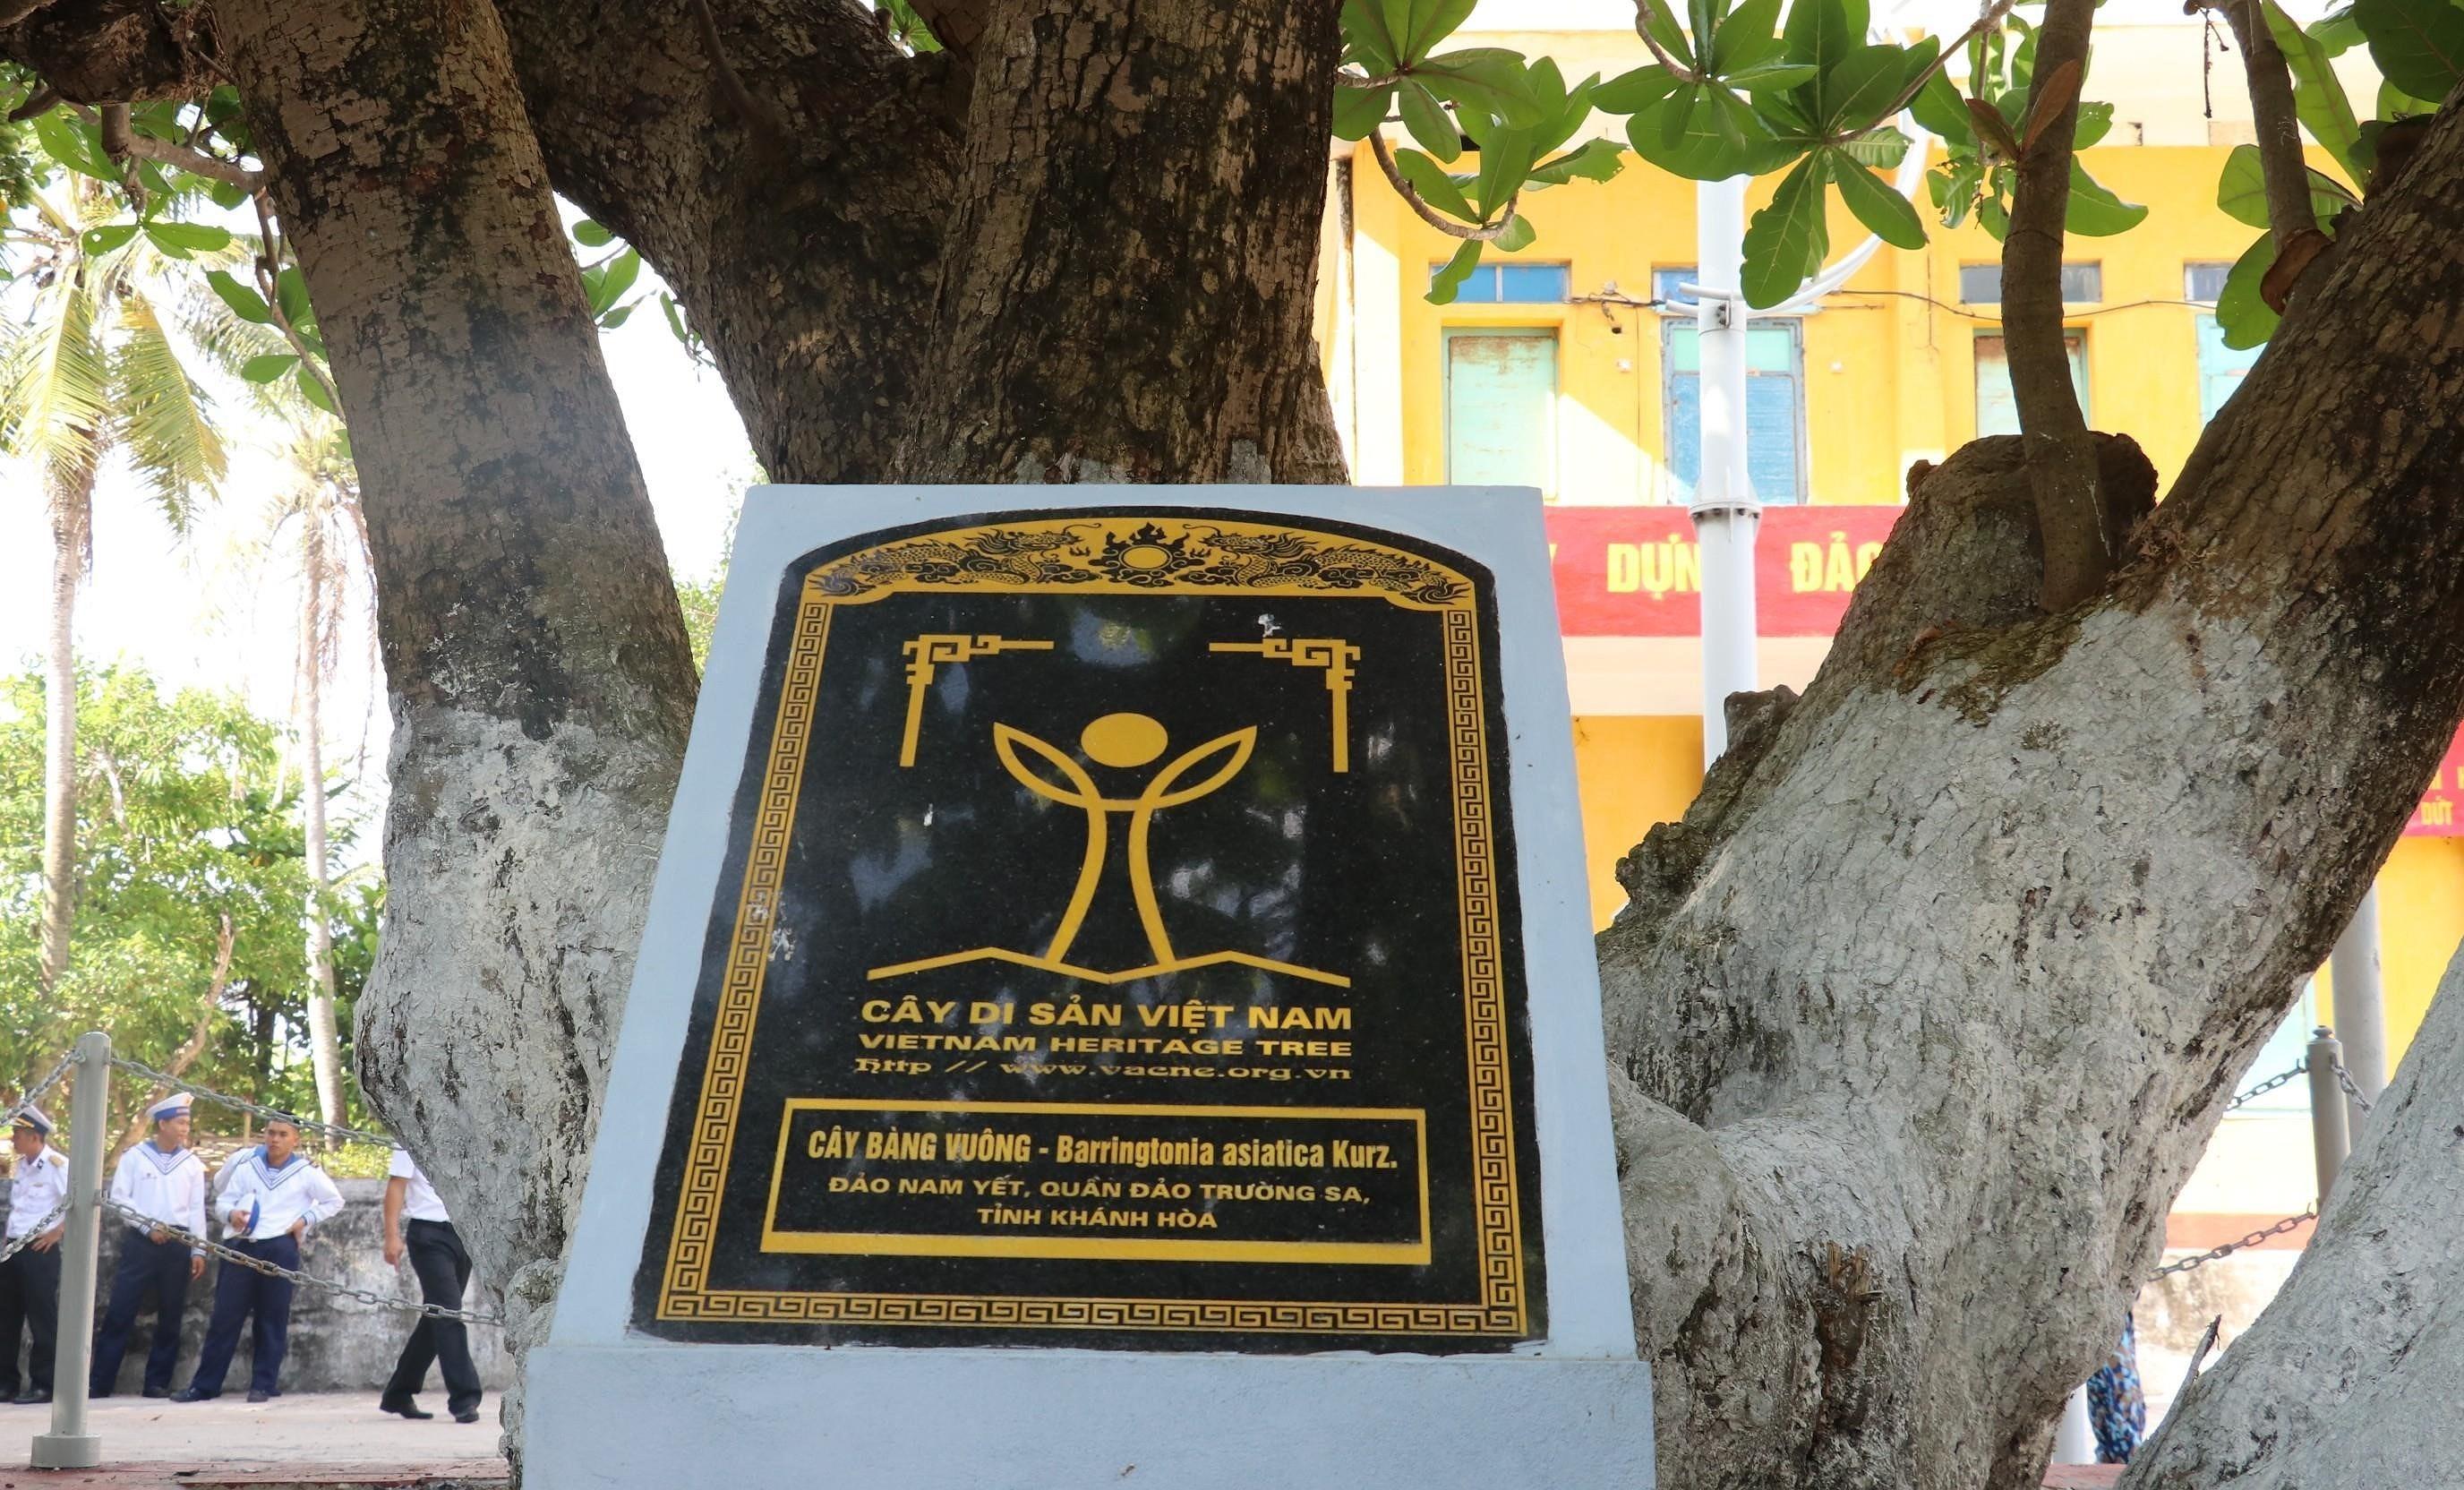 组图:长沙群岛上主权界碑——遗产树 hinh anh 4